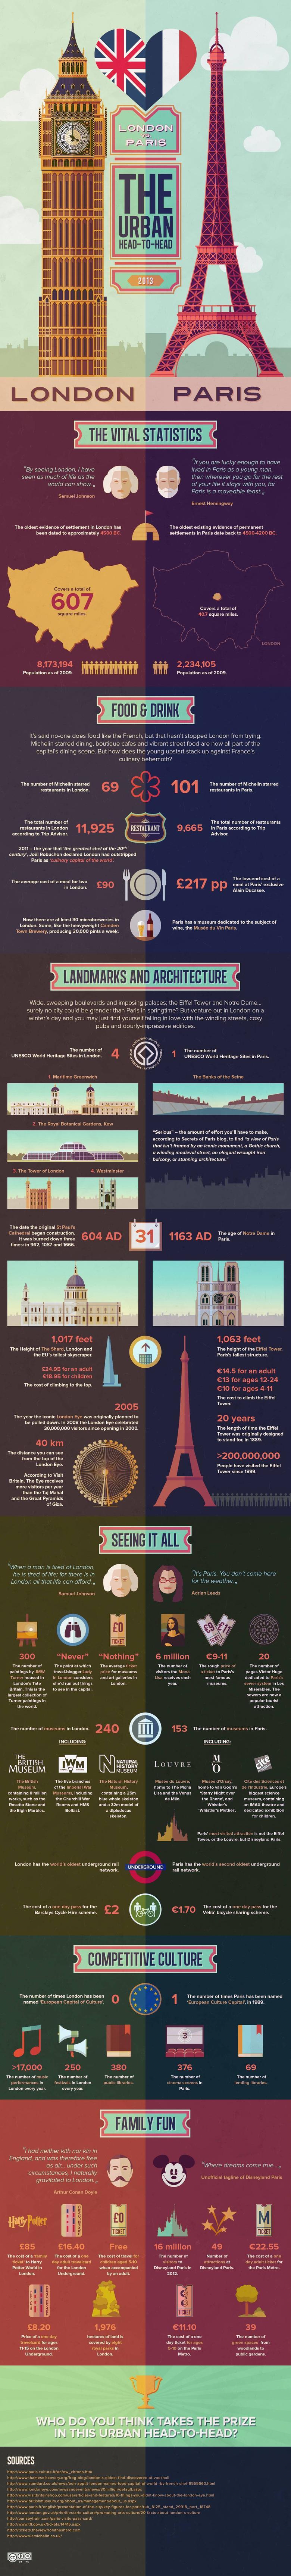 London vs Paris: The Urban Head to Head